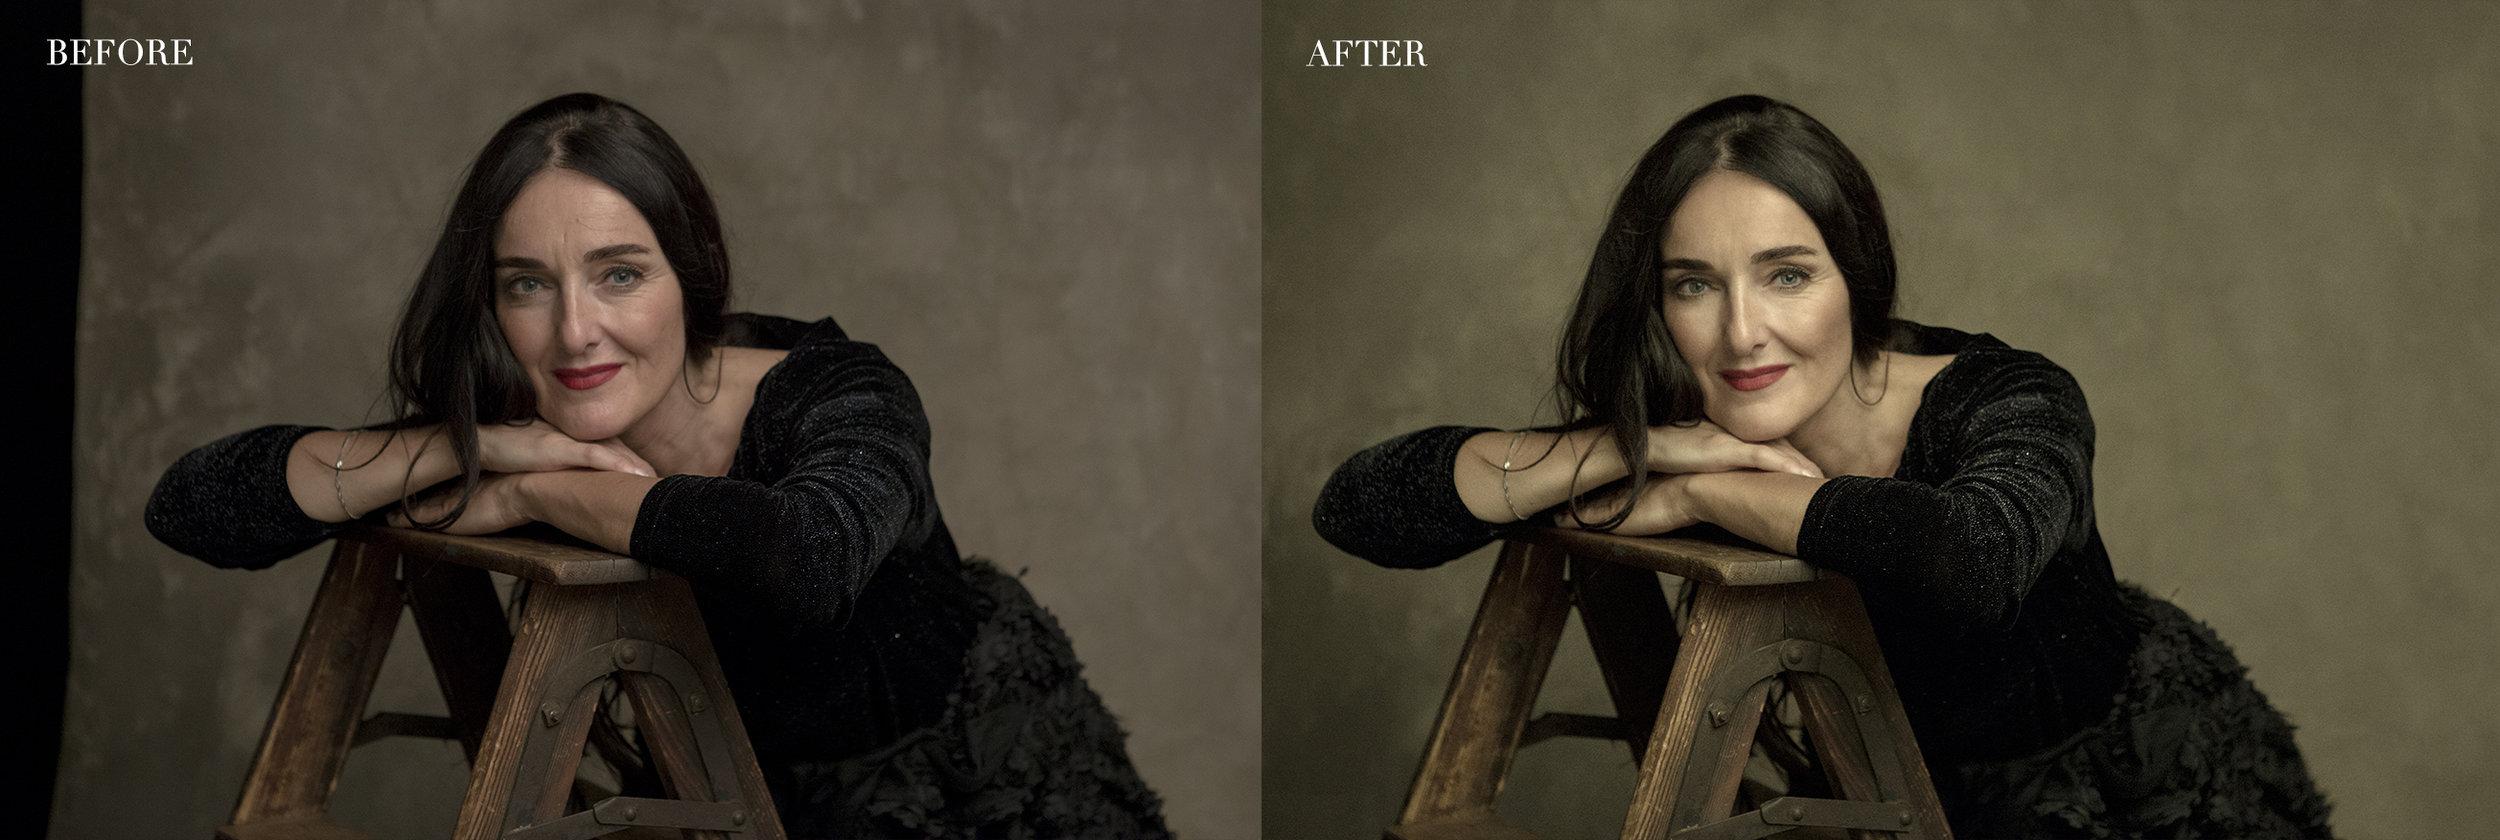 retouching-before-after-gen.jpg